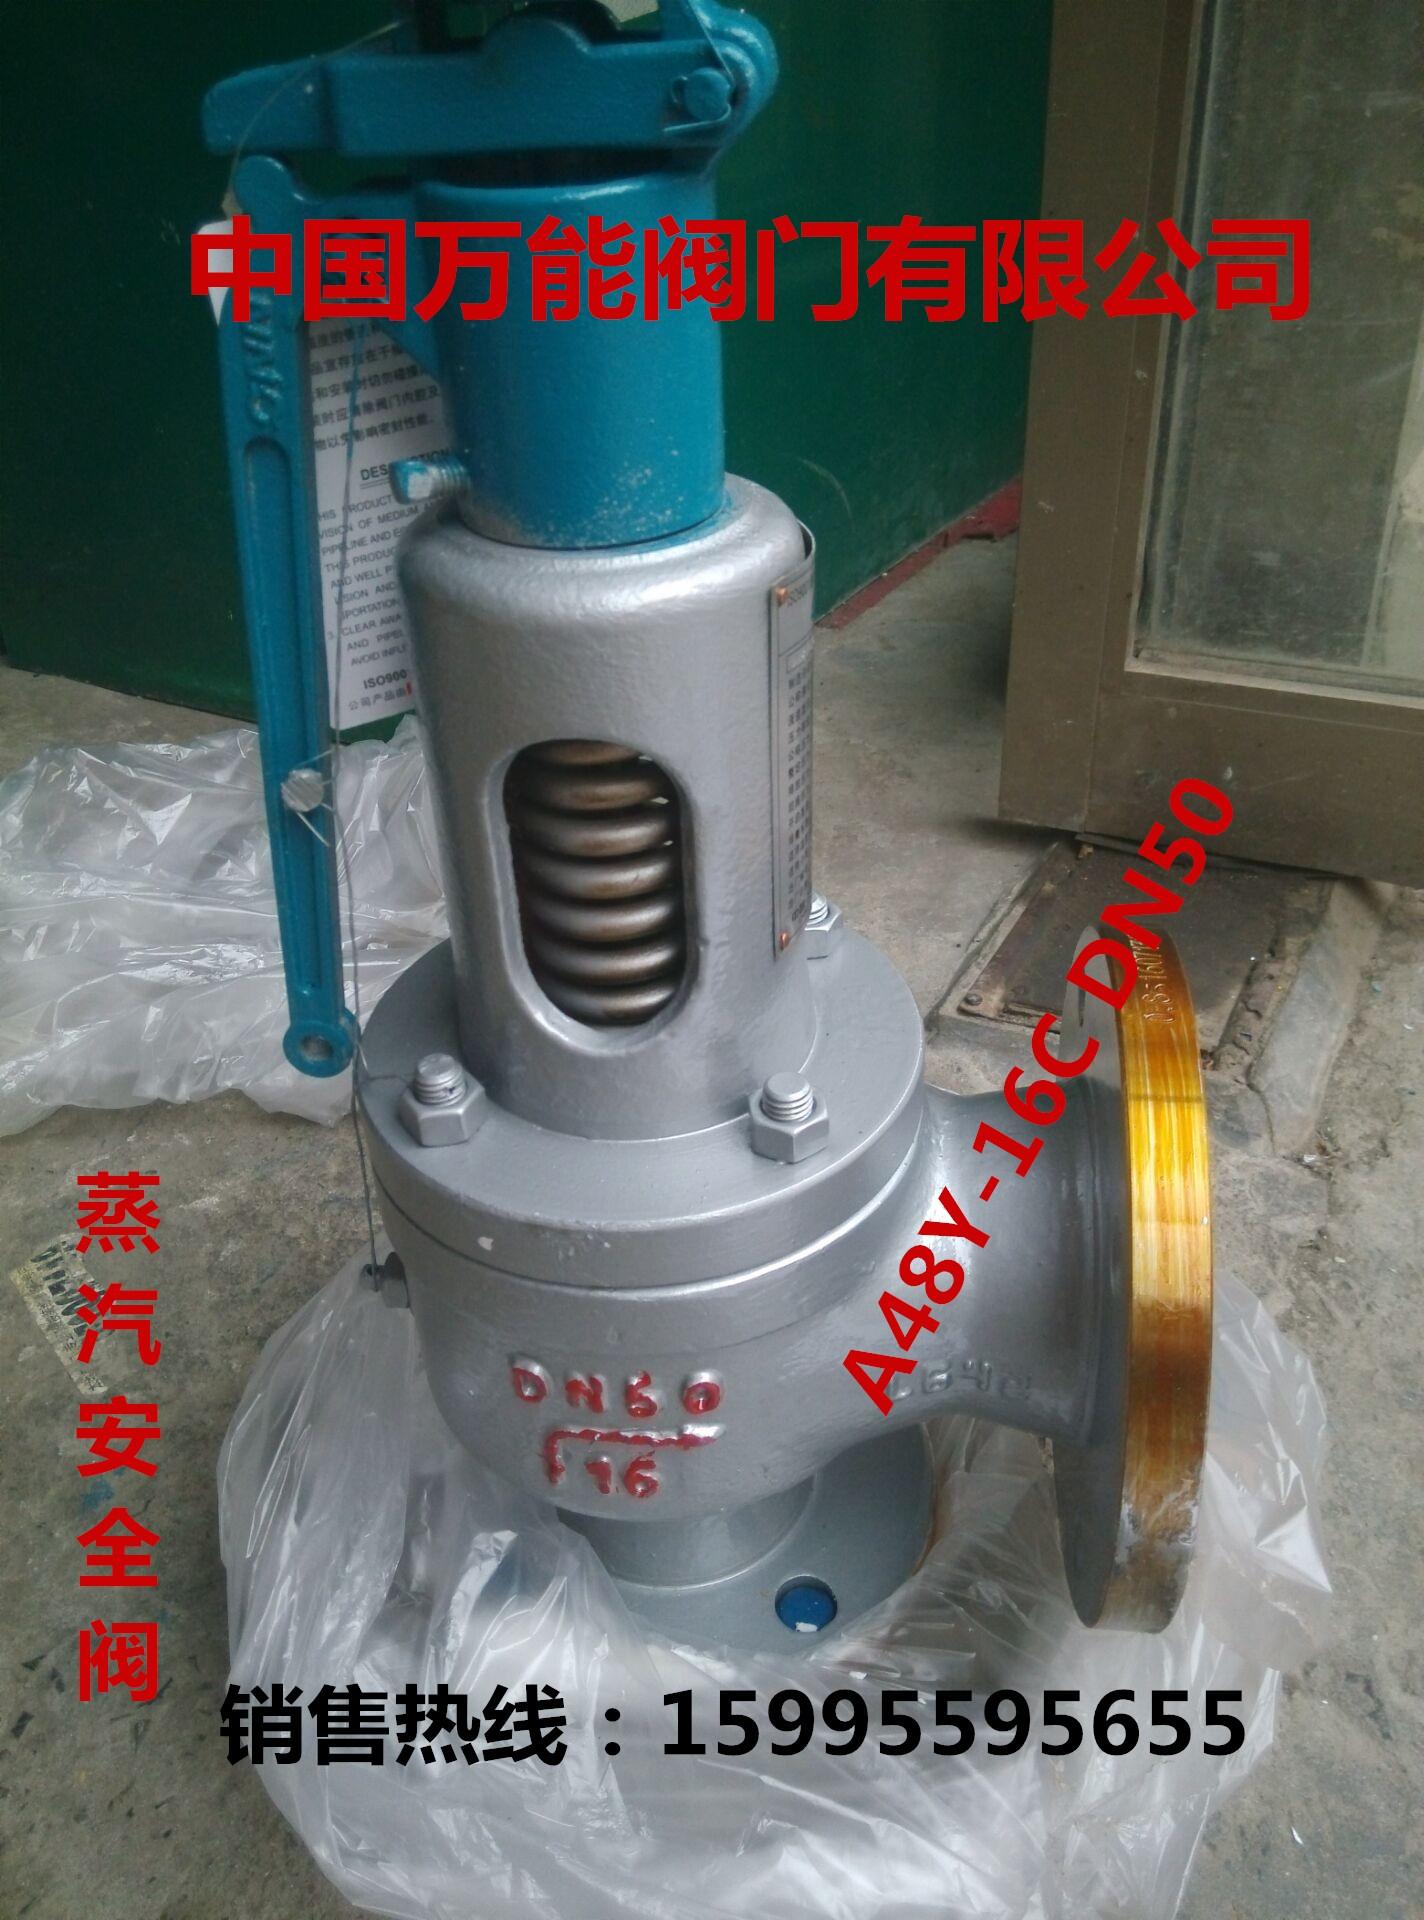 Das frühjahr der chinesischen Universal ein sicherheitsventil dampf - I - sicherheitsventil A48Y-16CDN200